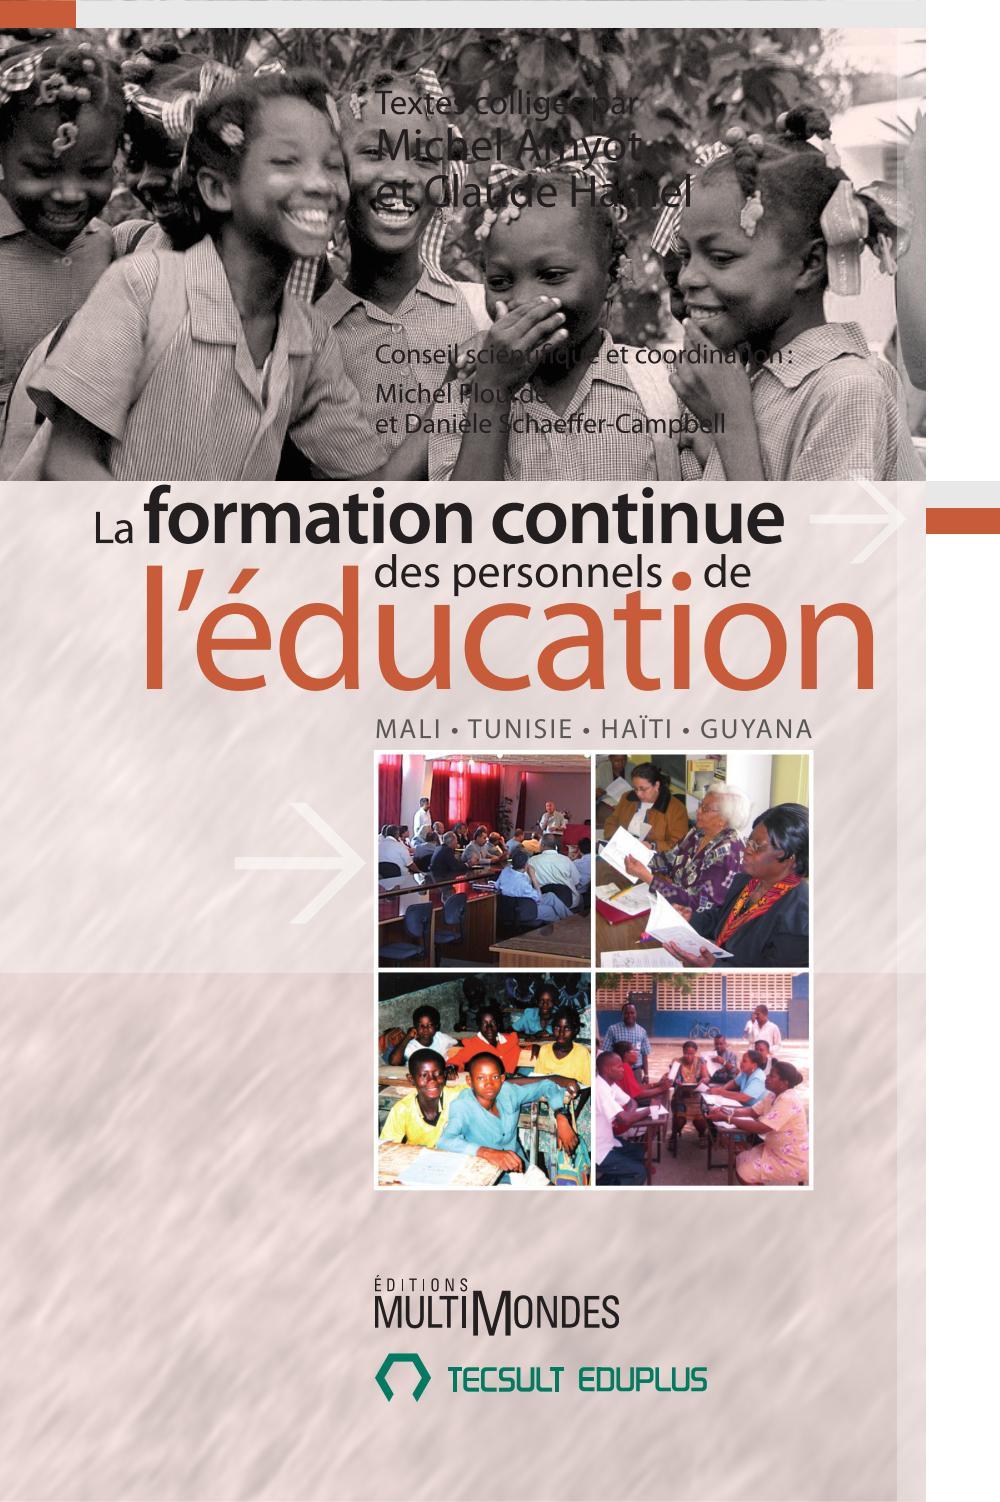 La formation continue des personnels de l'éducation : Mali, Tunisie, Haïti, Guyana